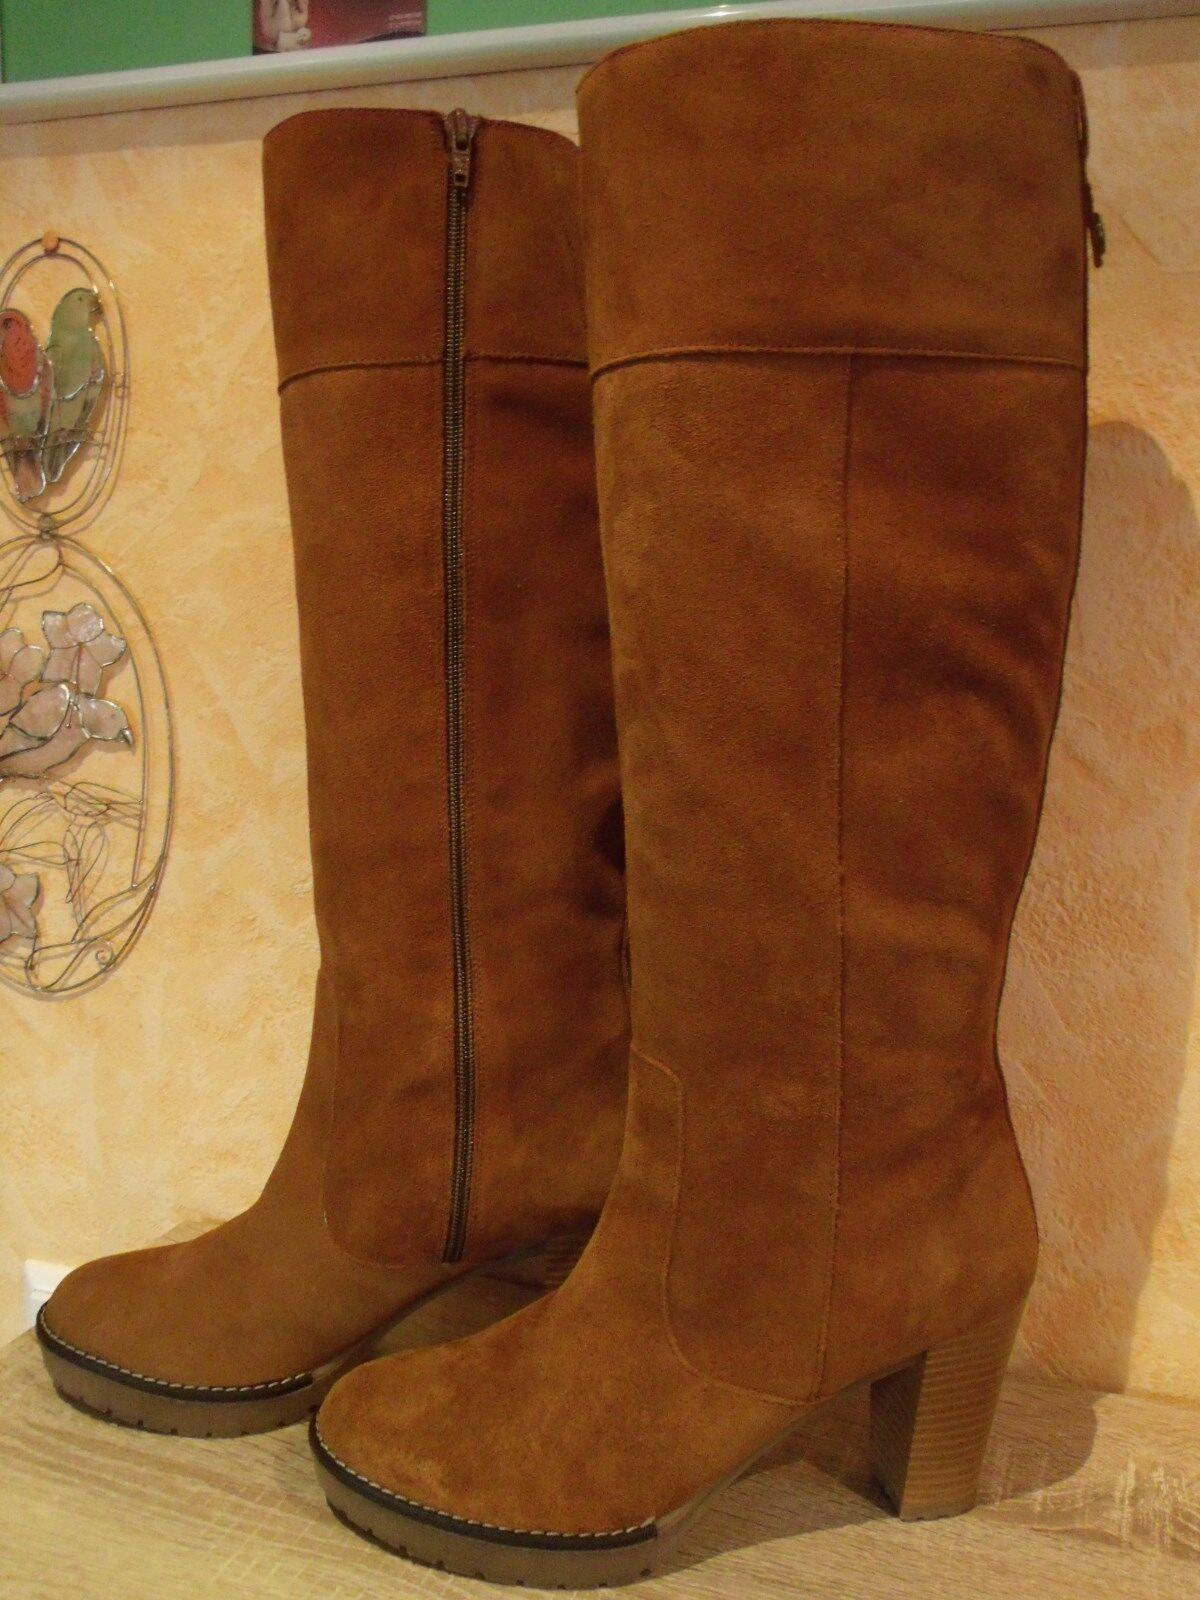 Hoher femininer Stiefel mit RV NEU Gr. & 41 F in cognac & Gr. weichem Veloursleder b5d7af